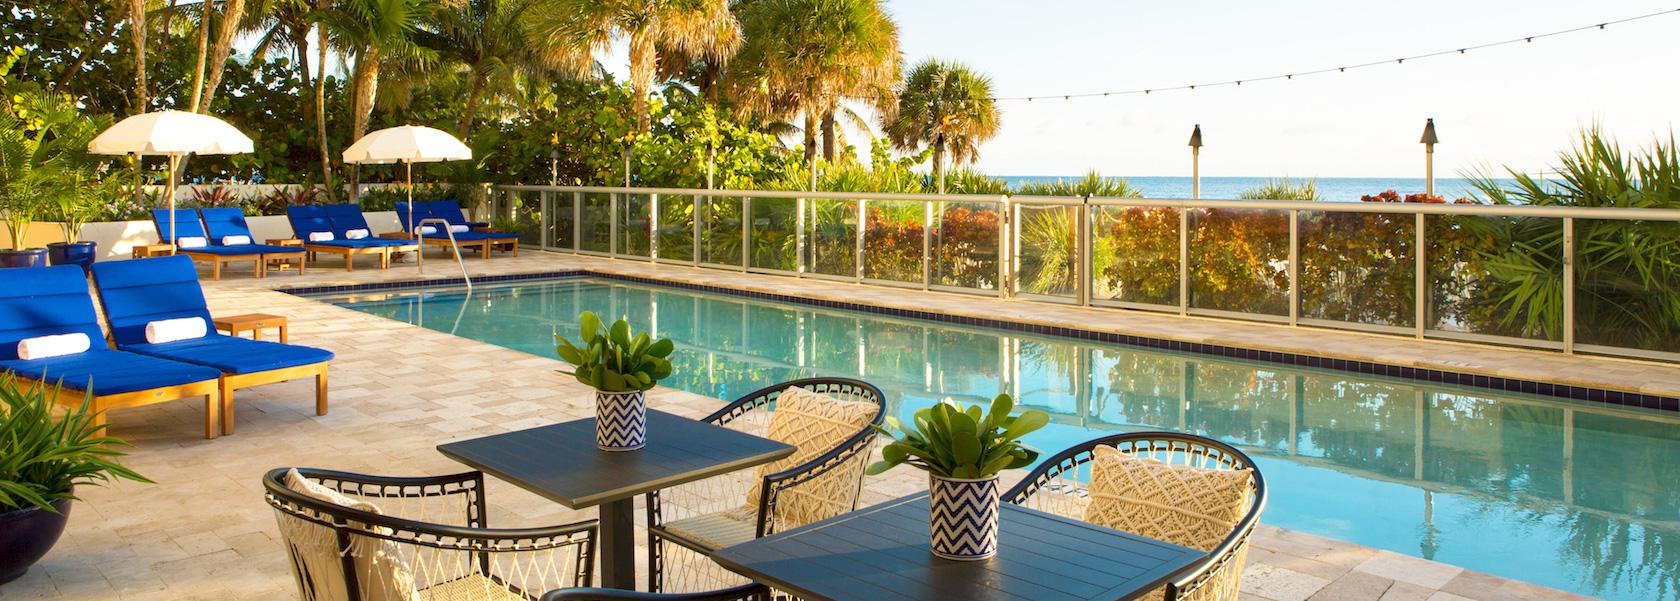 Solé Miami pool